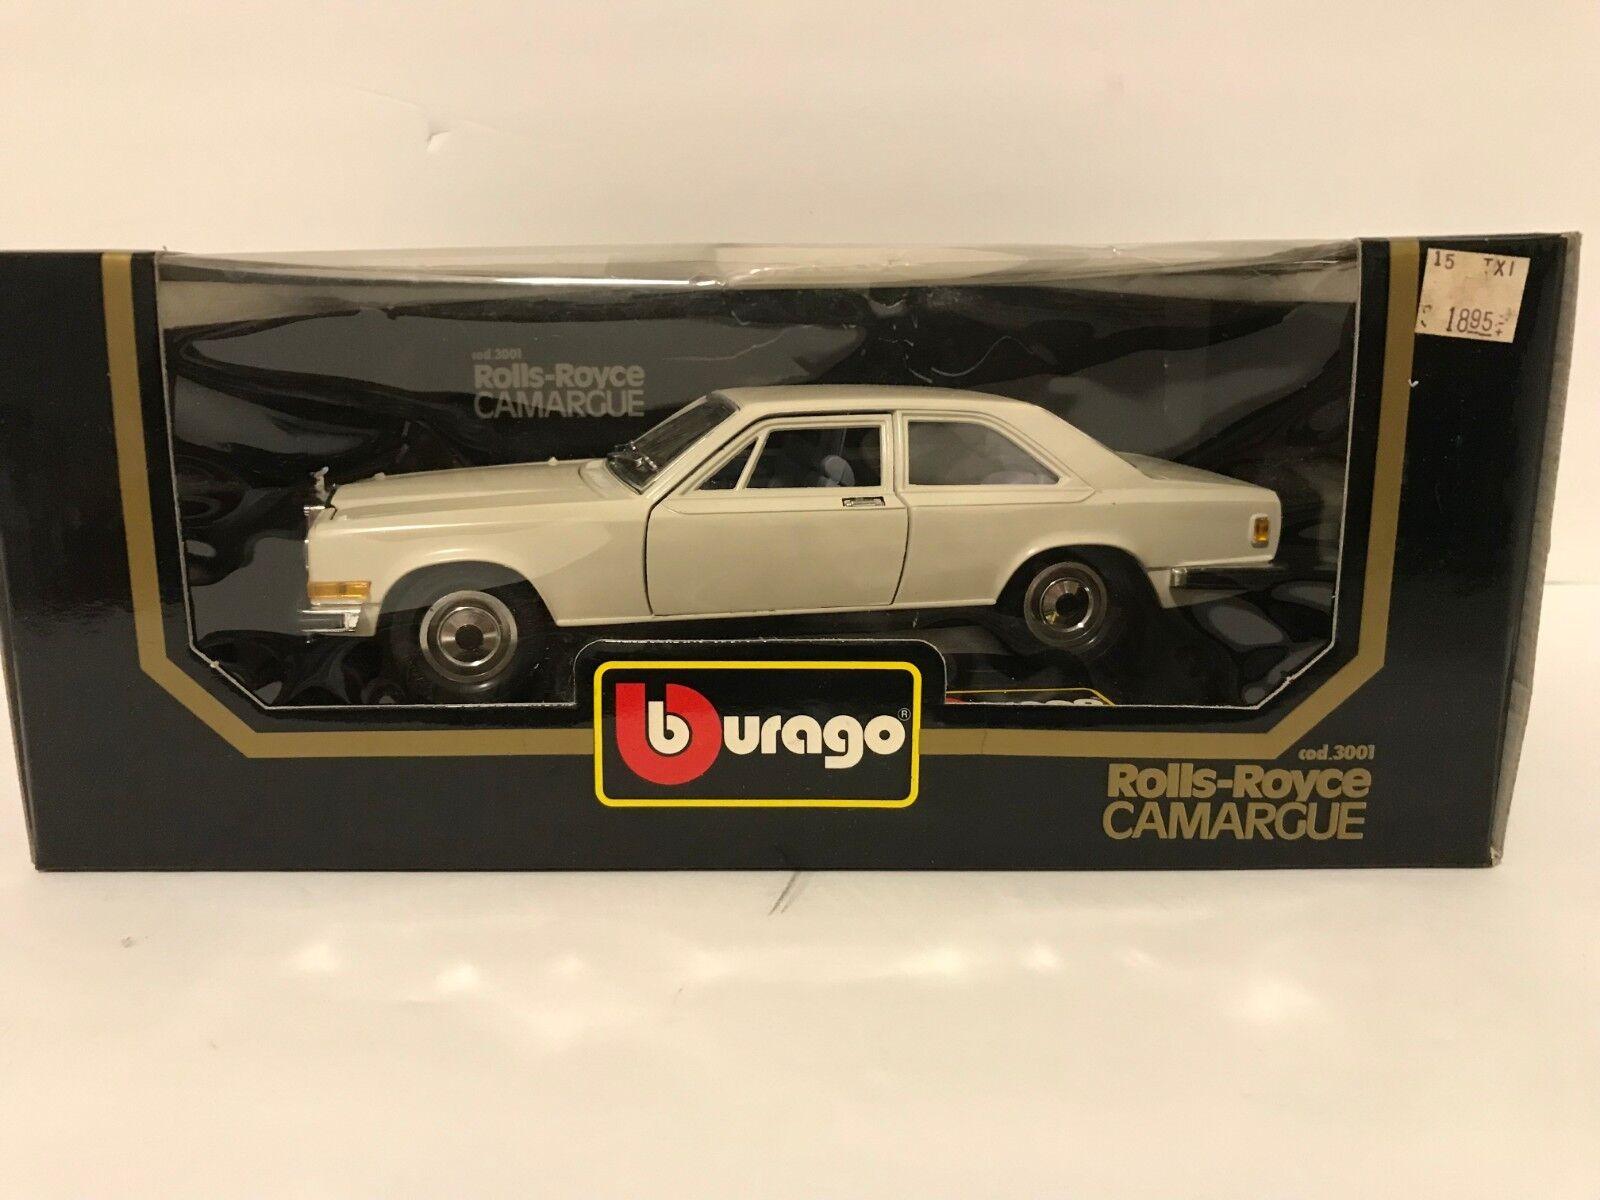 Burago 1 22 Scale Diecast Rolls Royce Camargue NIB